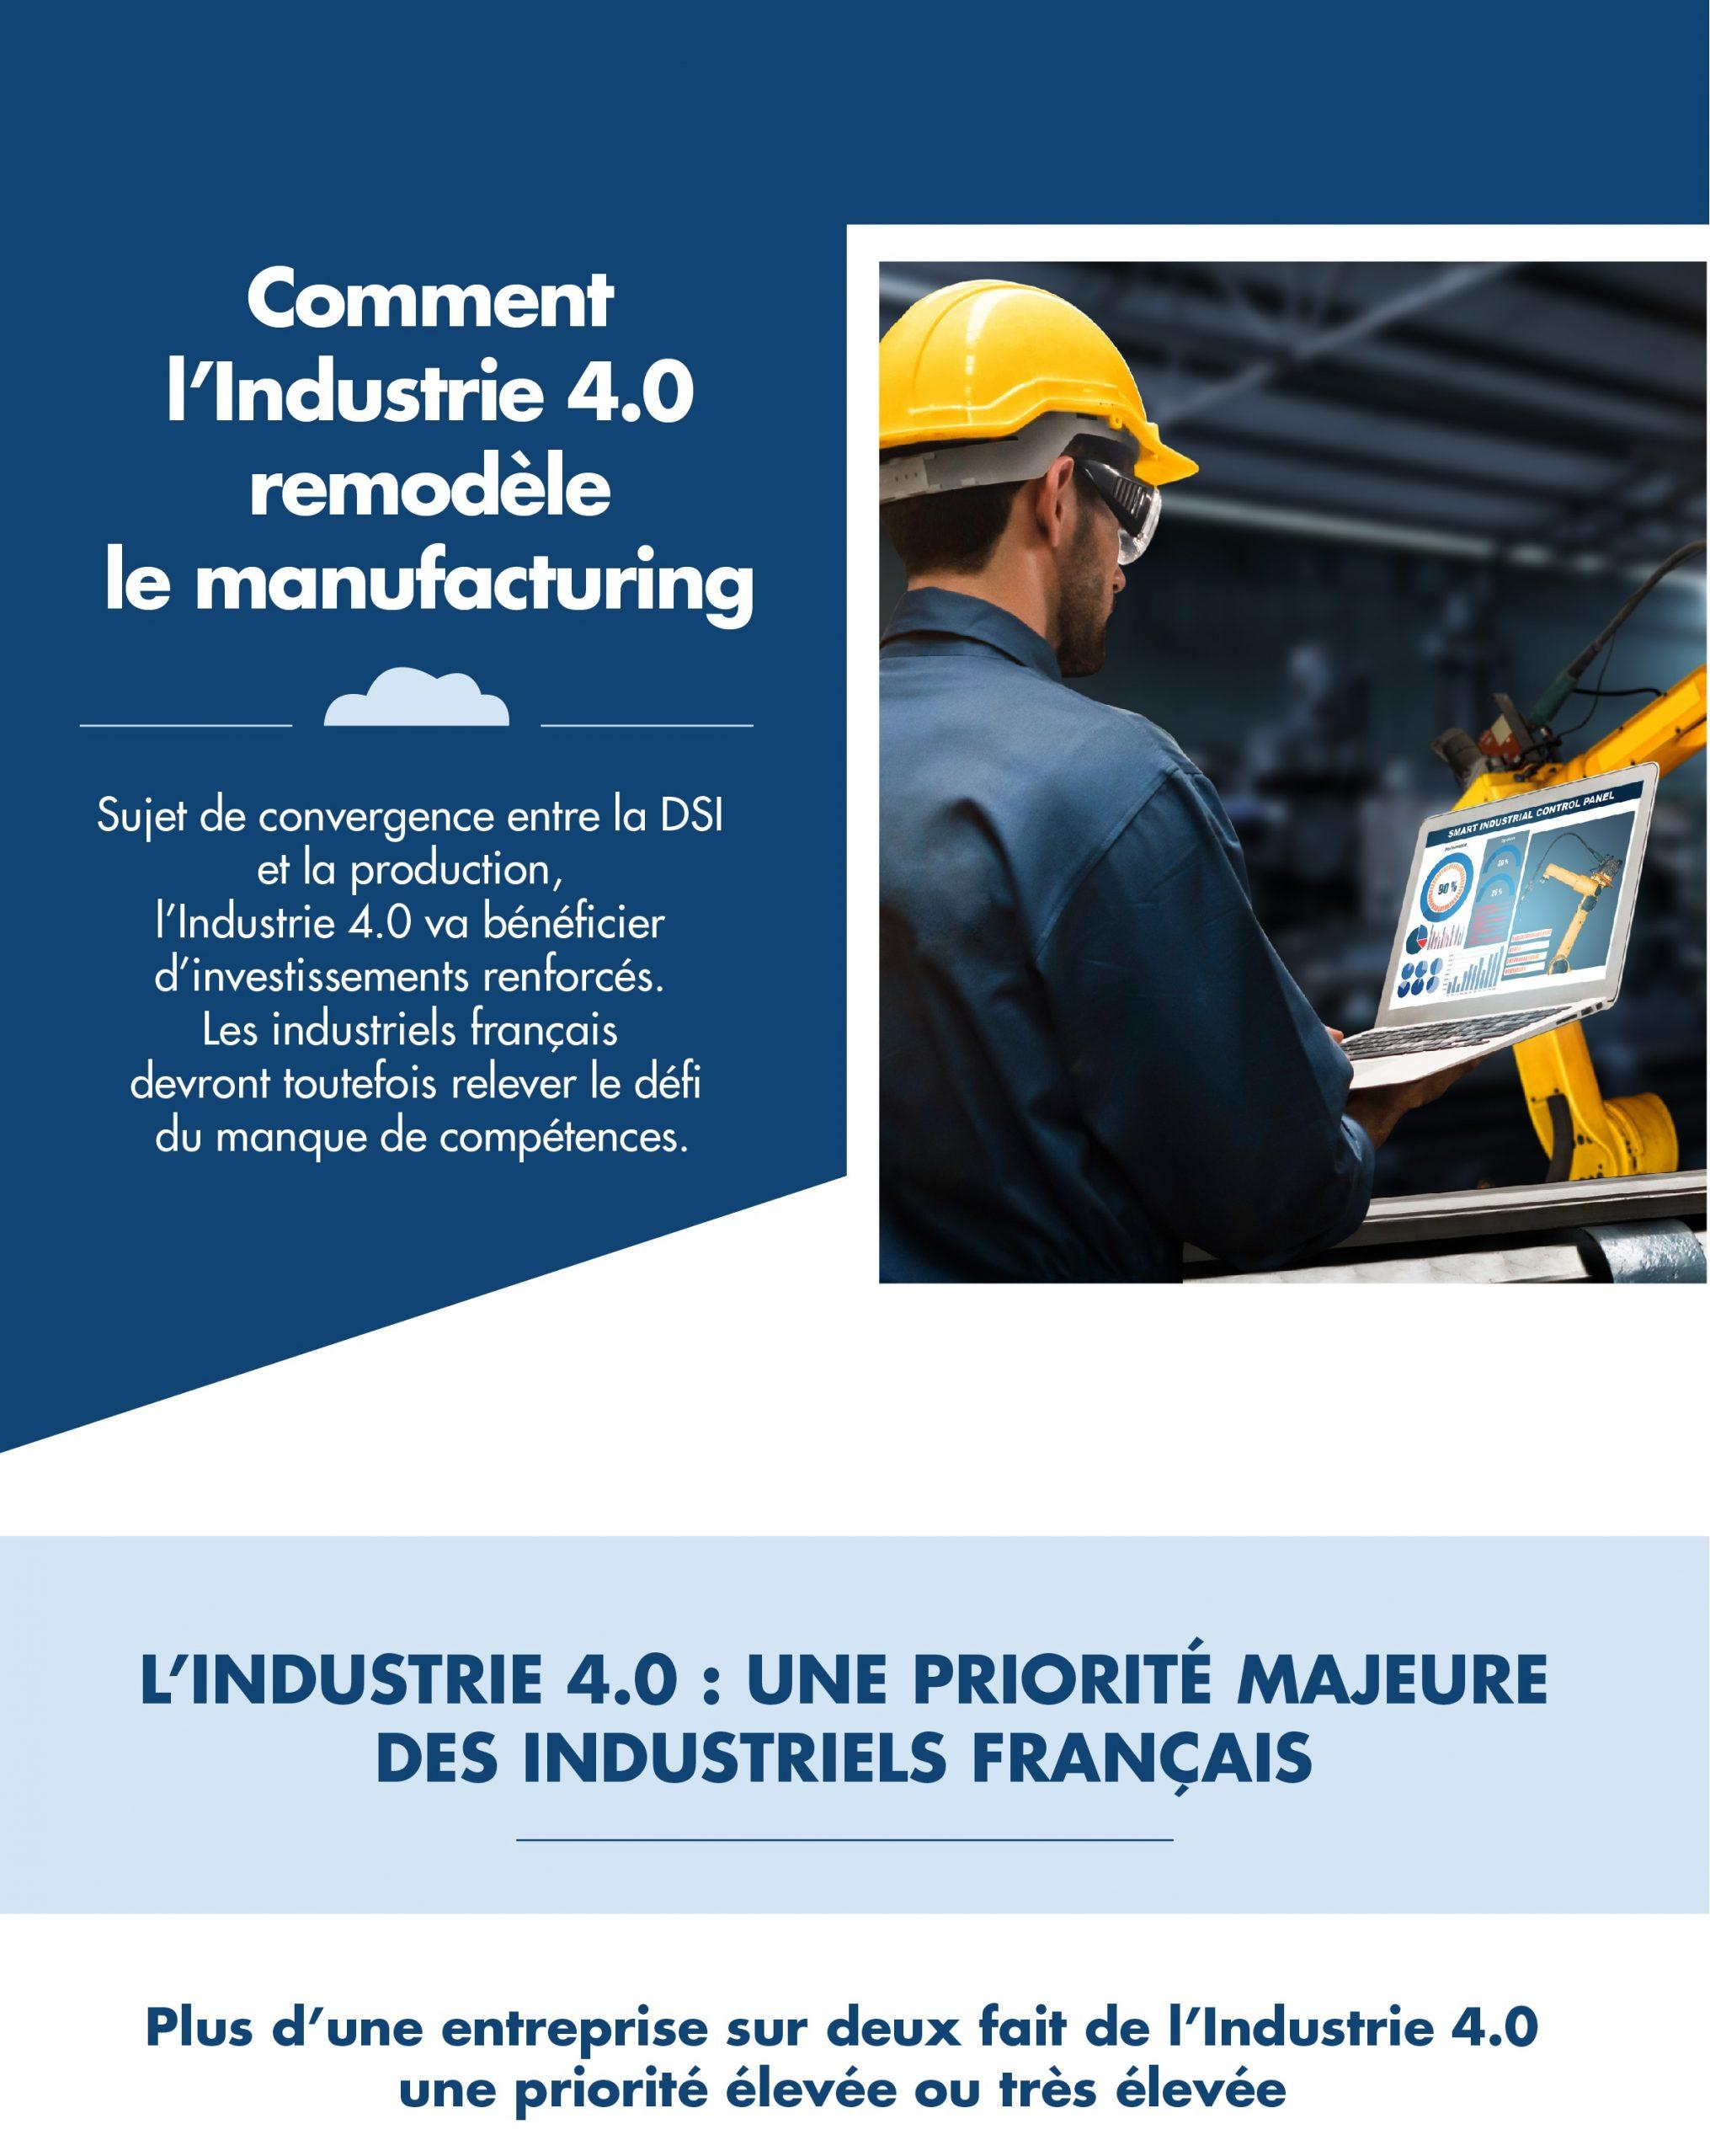 Comment l'Industrie 4.0 remodèle le Manufacturing – Infographie